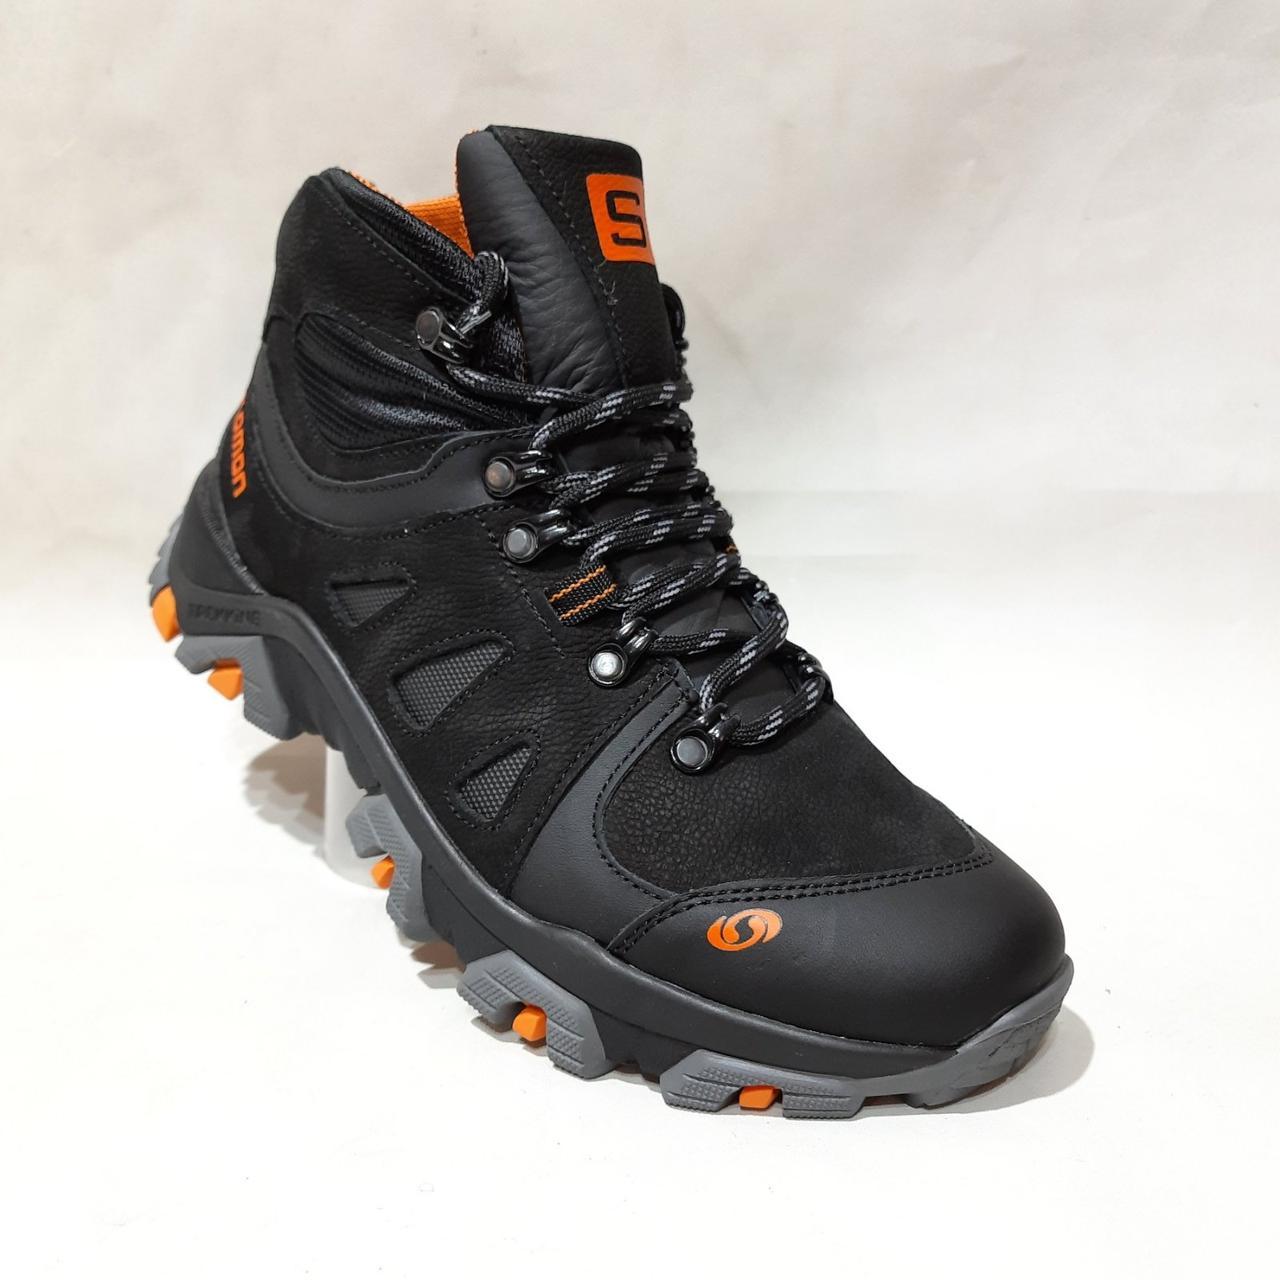 Зимние мужские спортивные ботинки из натуральной кожи теплые кроссовки на меху Черные